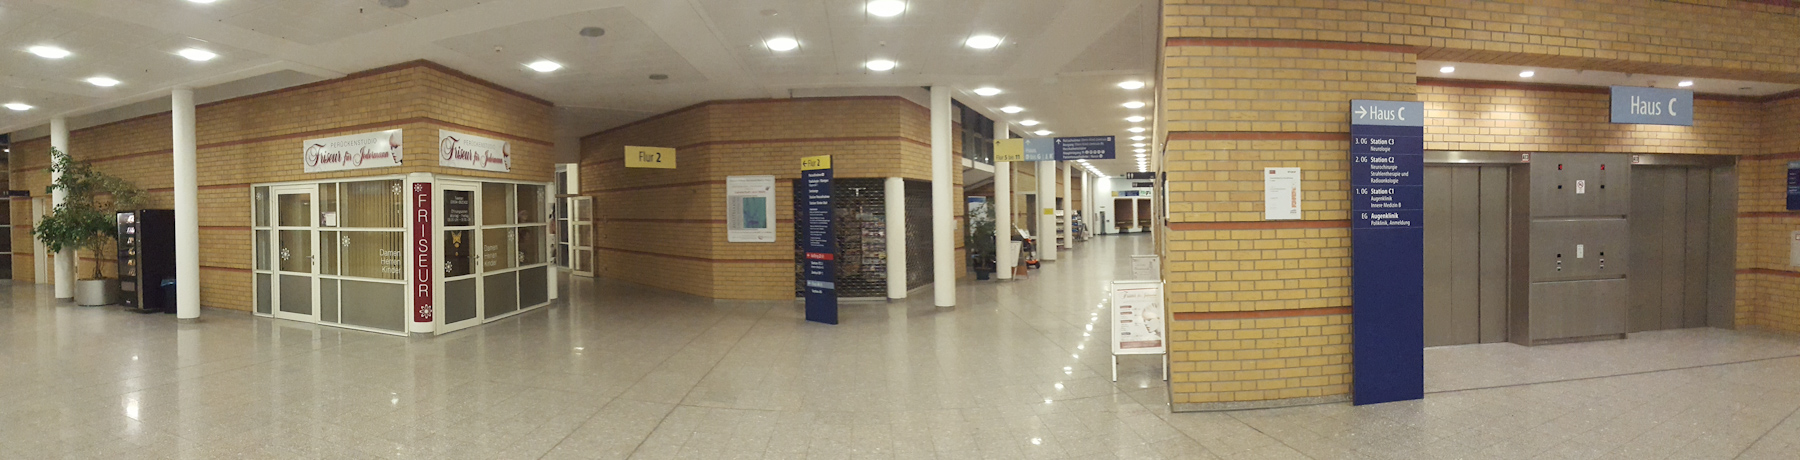 Flur im Klinikum am Berthold-Beitz-Platz in Greifswald